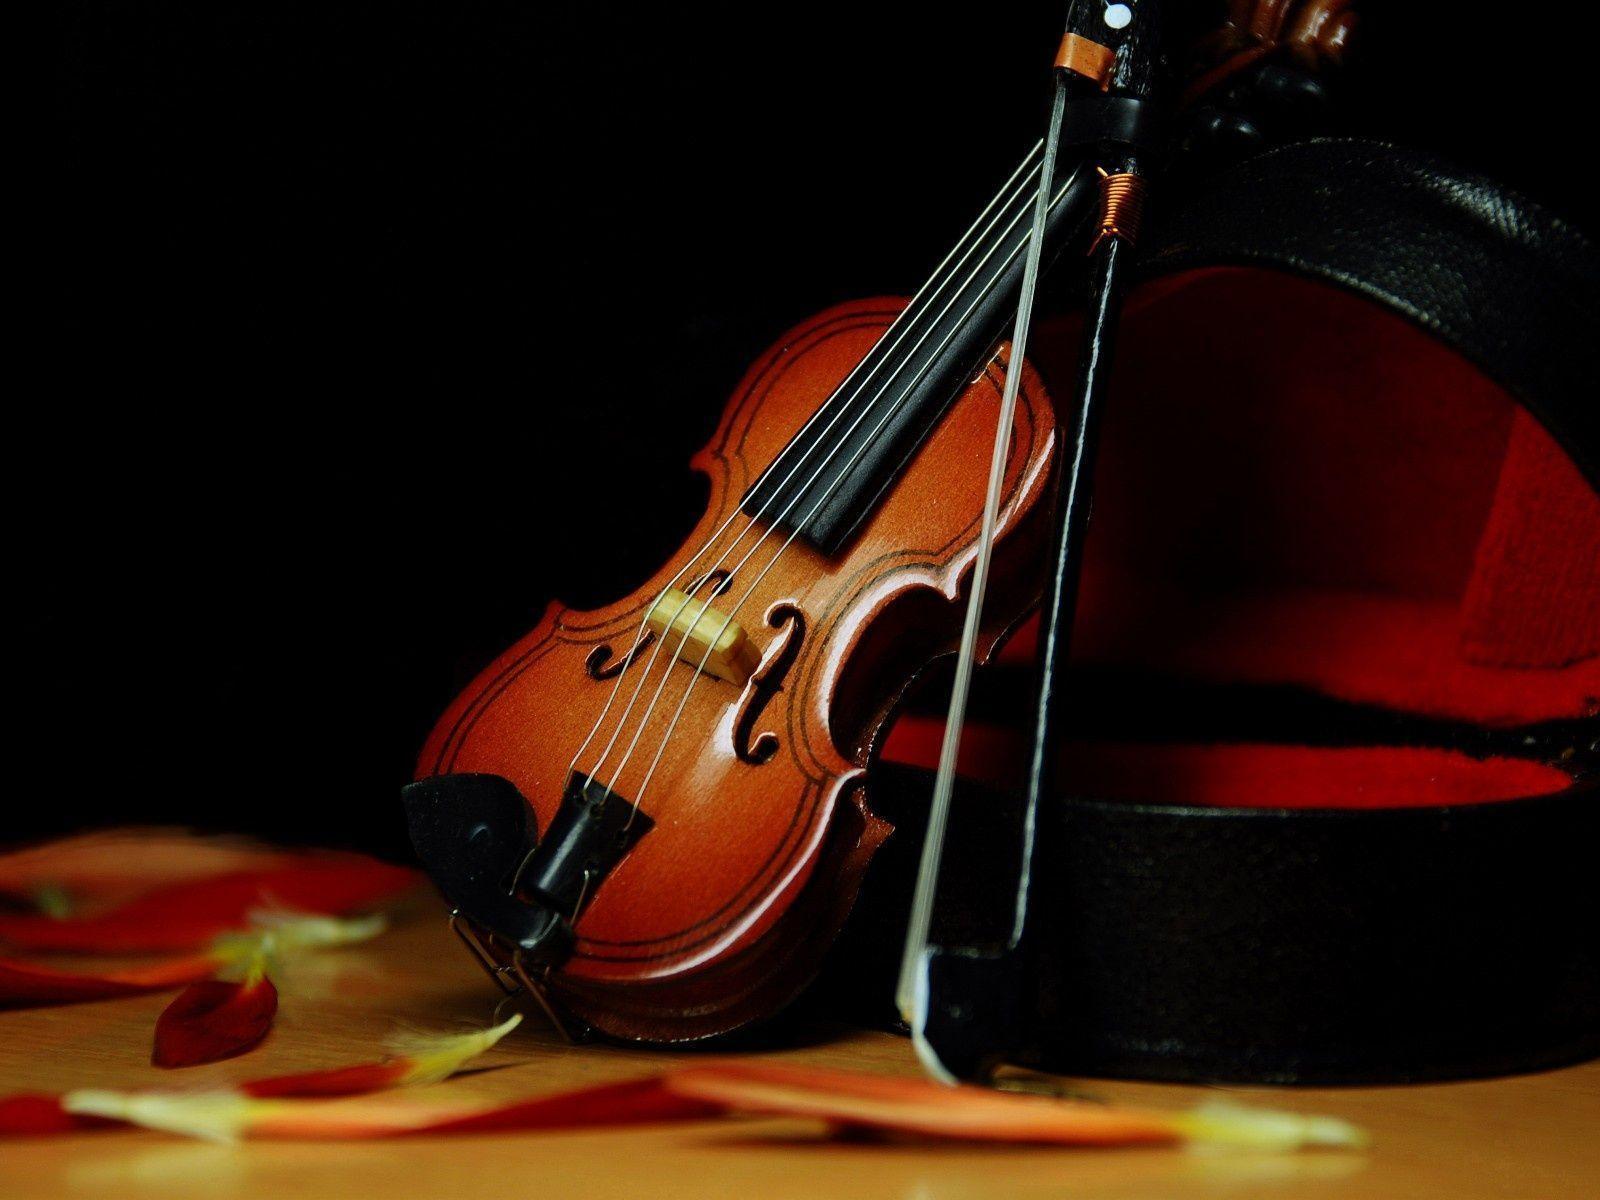 Beautiful Violin Wallpapers - Wallpaper Cave